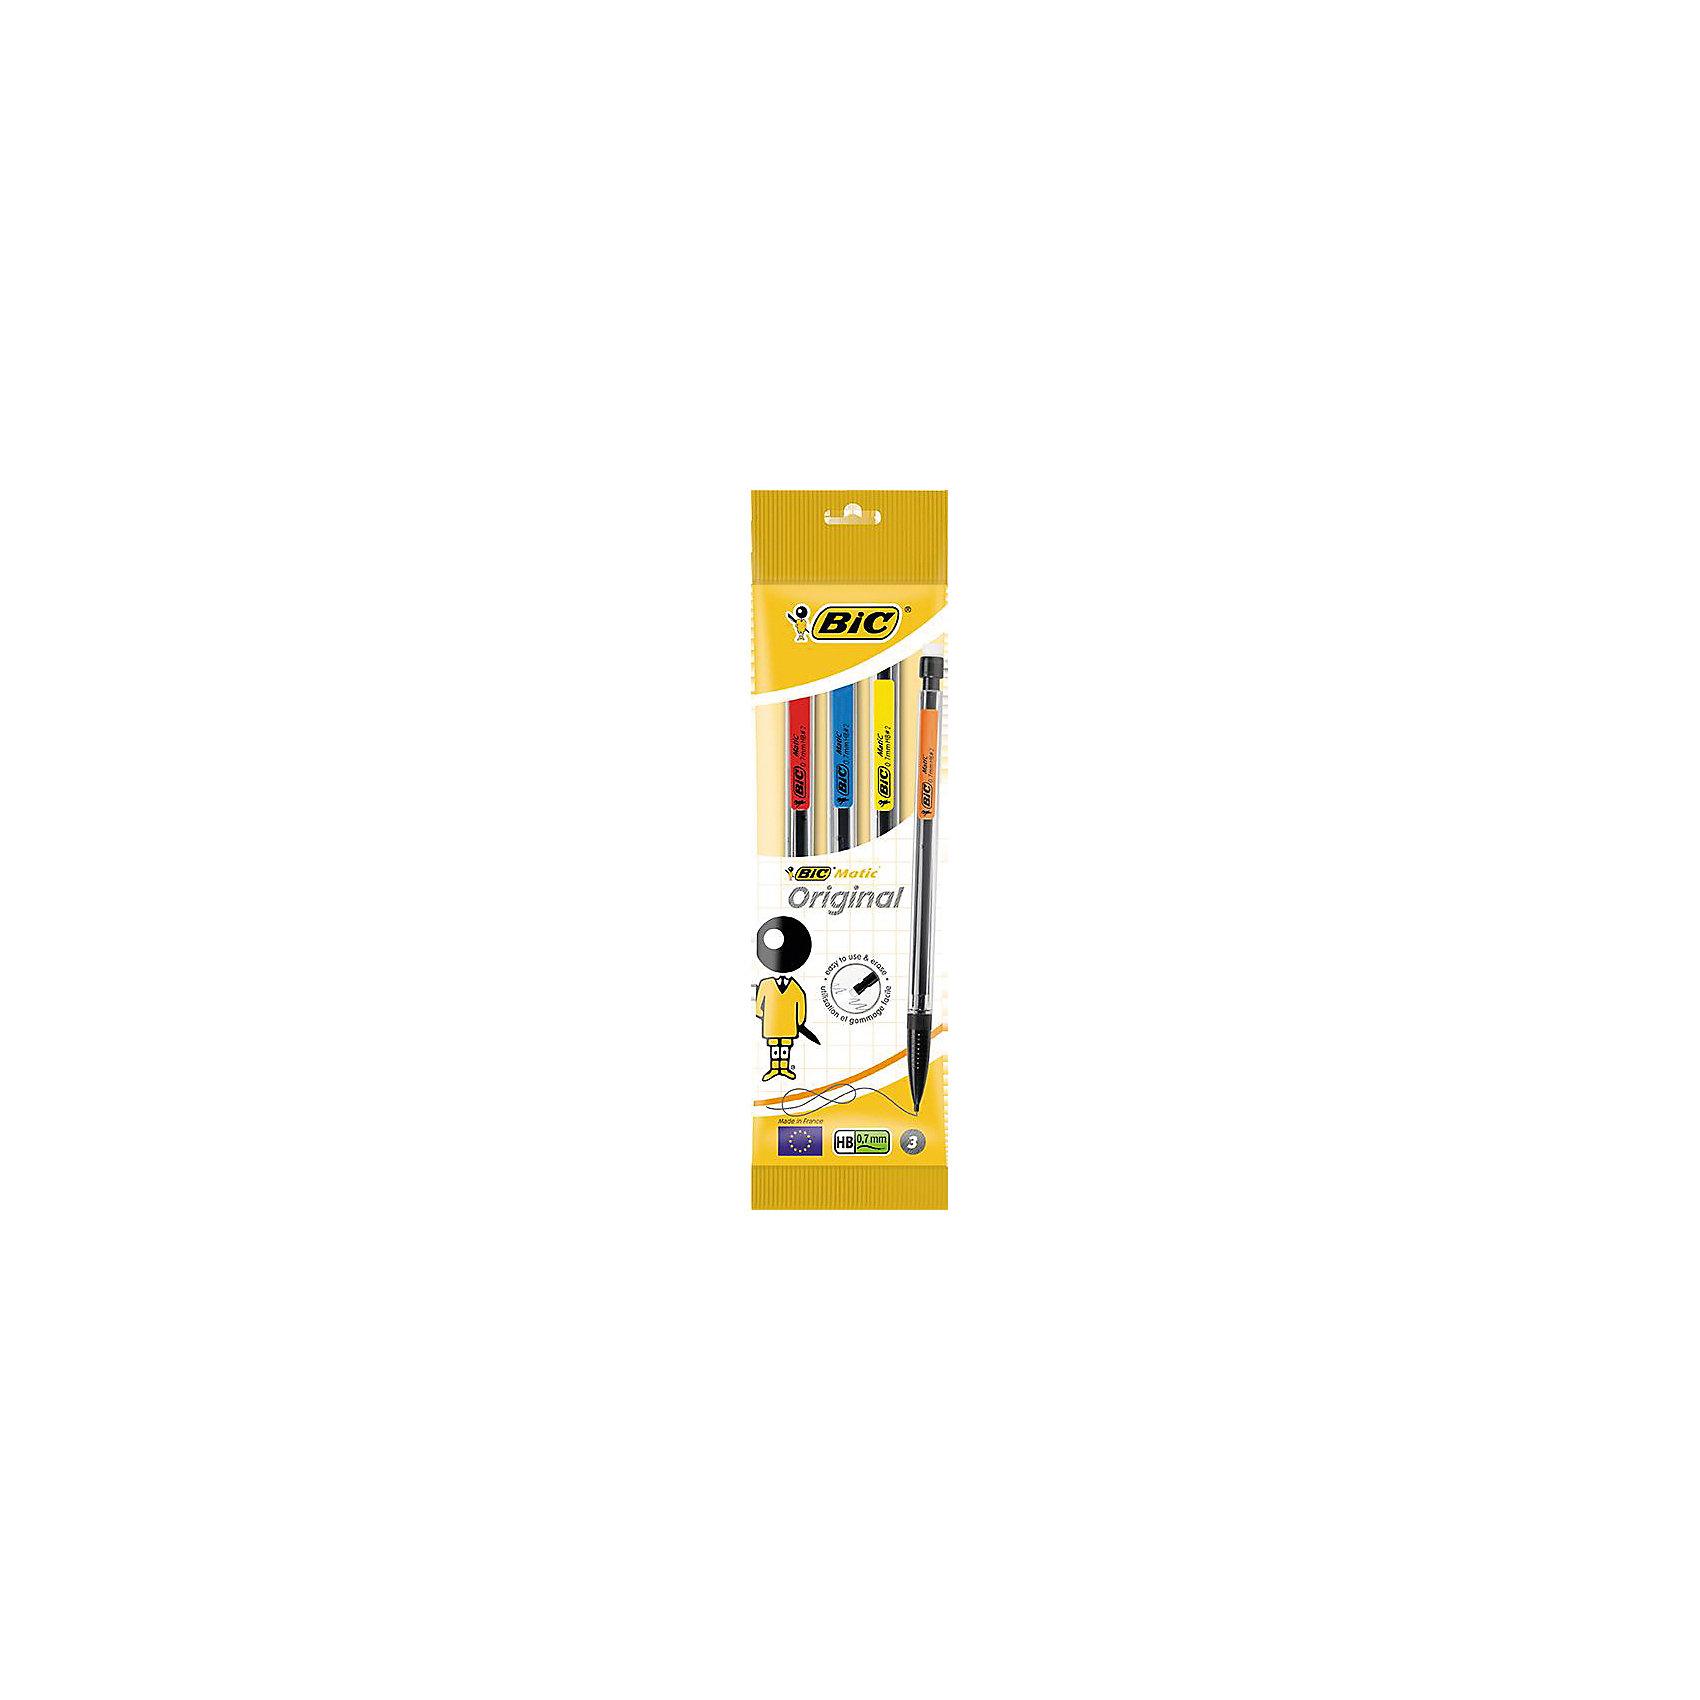 Карандаши черногрфитные Bic Matic, 3 штПисьменные принадлежности<br>Характеристики:<br><br>• возраст: от 5 лет<br>• в наборе: карандаши чернографитовые механические 3 шт.<br>• диаметр грифеля: 0,7 мм.<br>• твердость: НВ<br>• материал корпуса: пластик<br>• упаковка: пакет<br>• размер упаковки: 20,6х4,7х1,1 см.<br><br>Набор из трех механических чернографитовых карандашей с различным цветом корпуса. Карандаши снабжены ластиком и удобным цветным зажимом.<br><br>BIC Набор карандашей чернографитовых Matic, 3 шт. можно купить в нашем интернет-магазине.<br><br>Ширина мм: 11<br>Глубина мм: 47<br>Высота мм: 206<br>Вес г: 18<br>Возраст от месяцев: 60<br>Возраст до месяцев: 2147483647<br>Пол: Унисекс<br>Возраст: Детский<br>SKU: 7065351